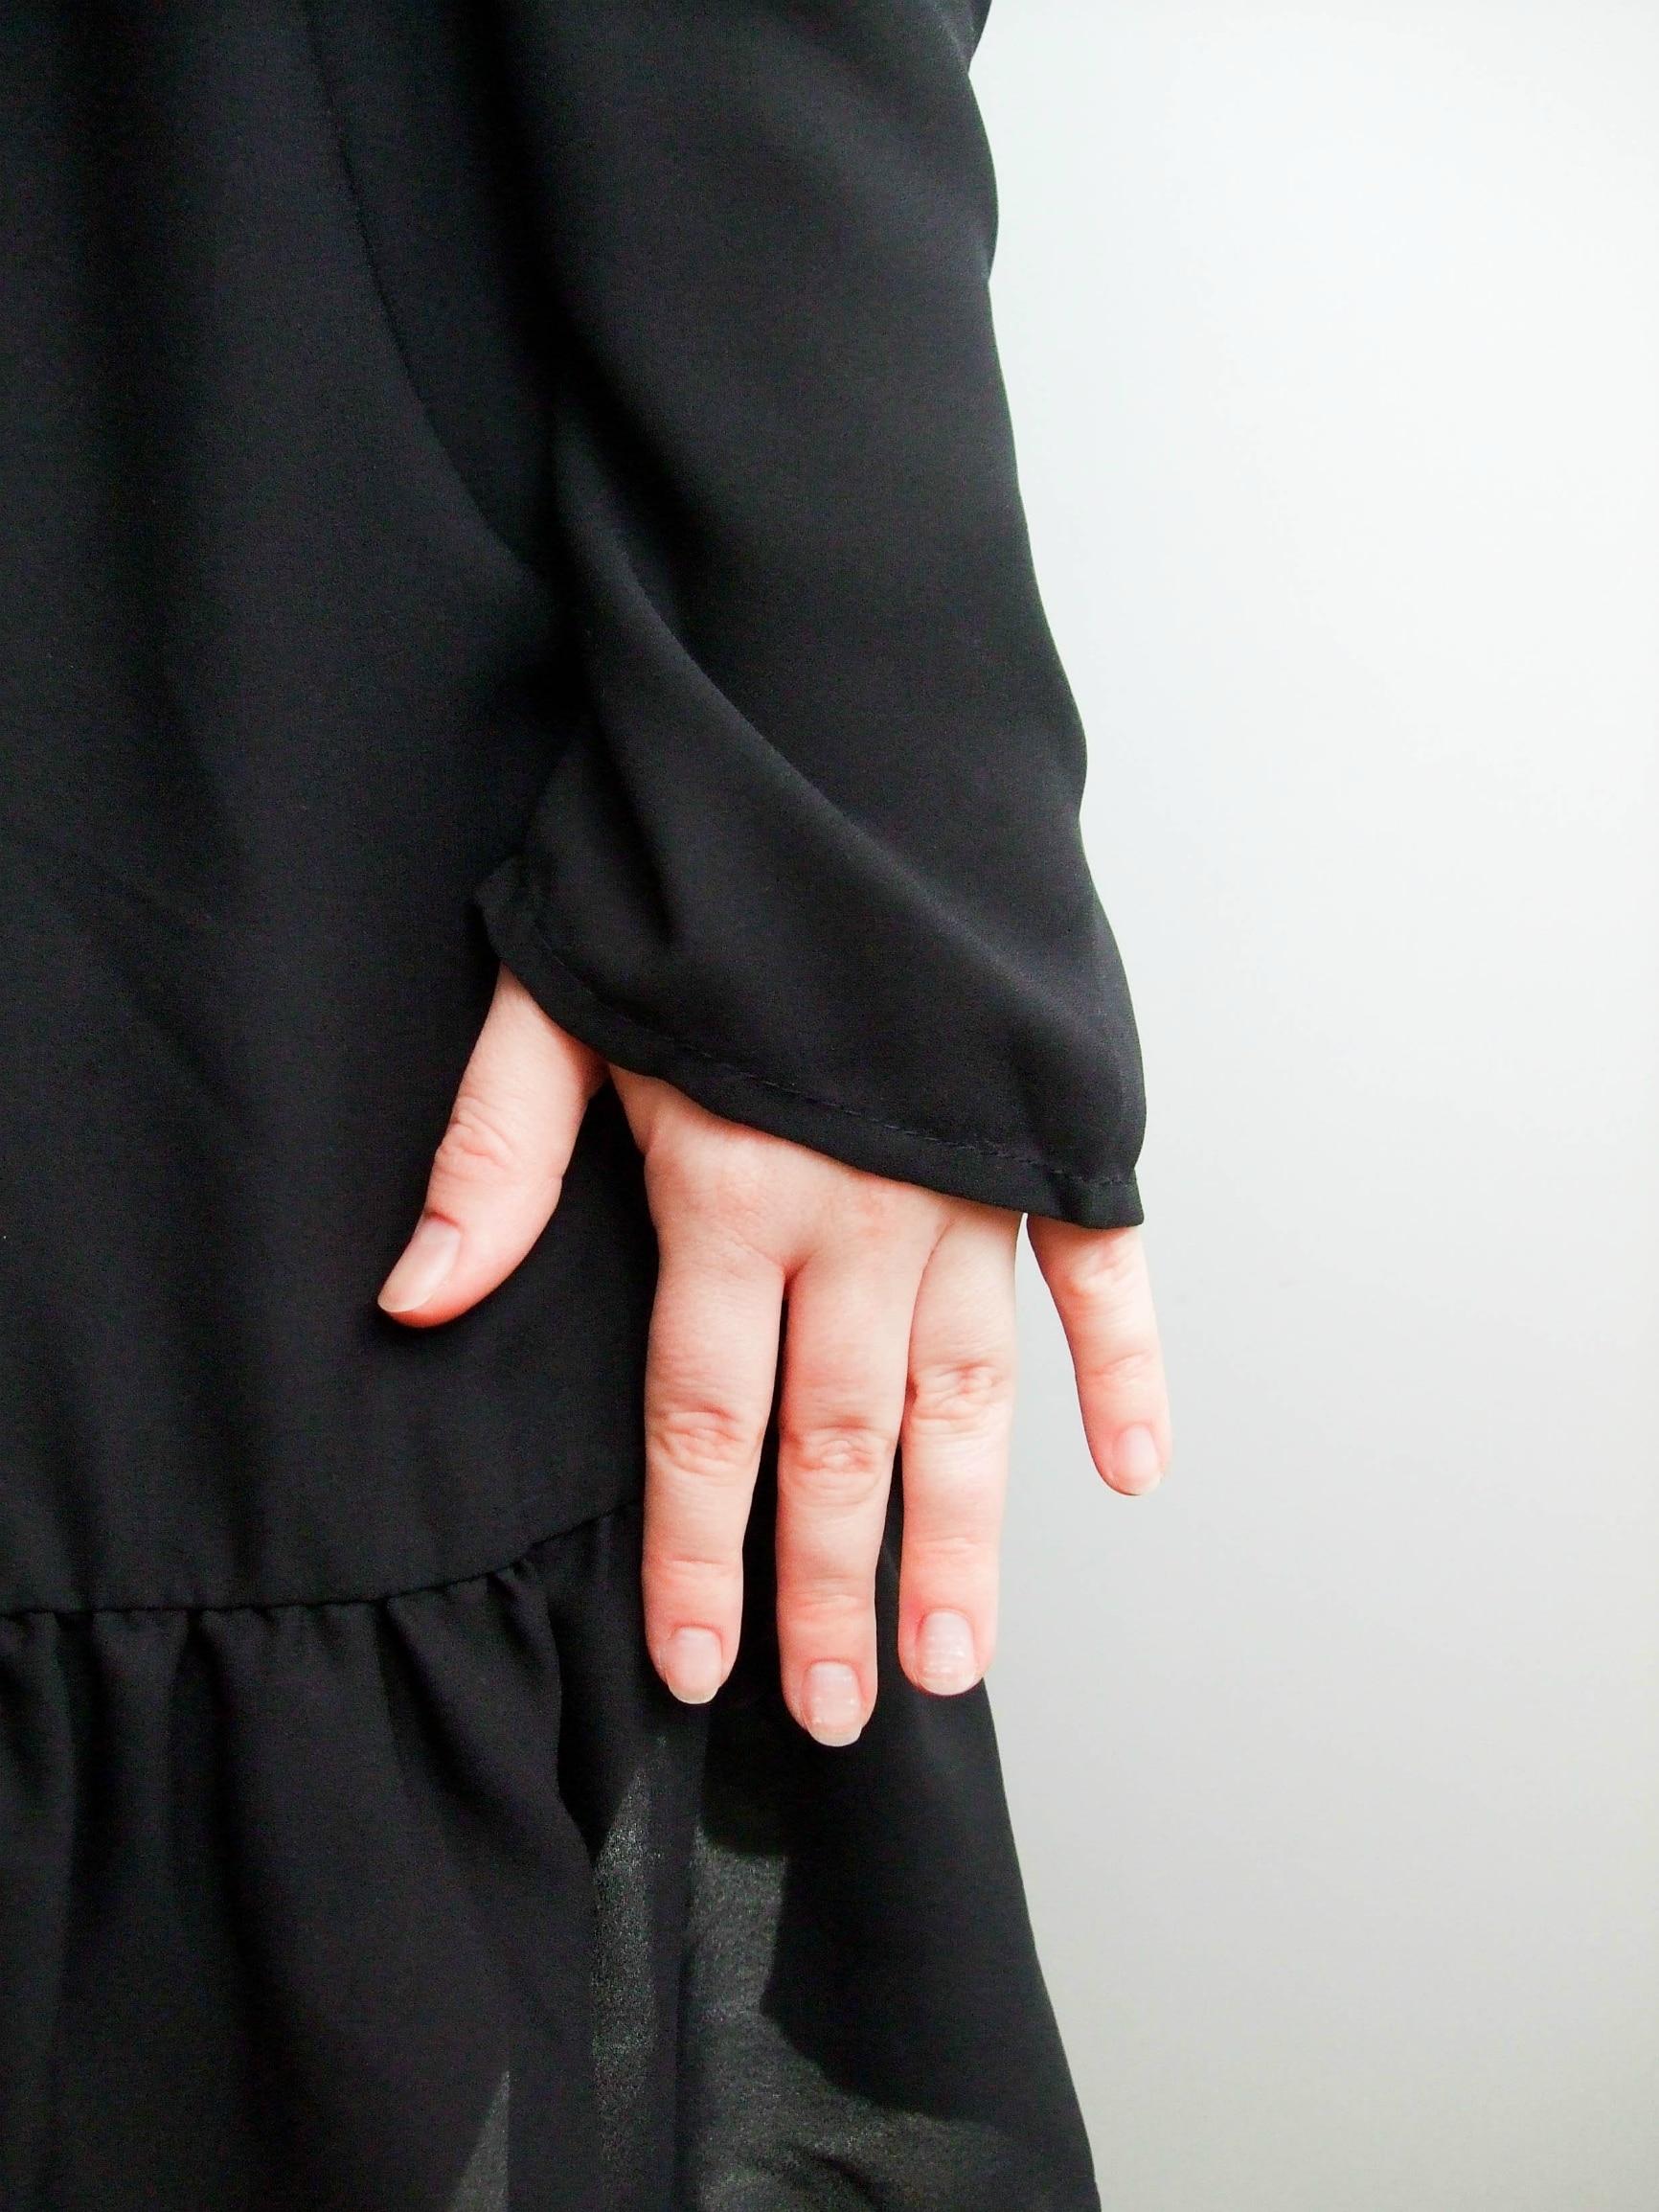 Hot 2019 autumn new fashion women's temperament commuter puff sleeve small high collar natural A word knee Chiffon dress reviews №7 342832